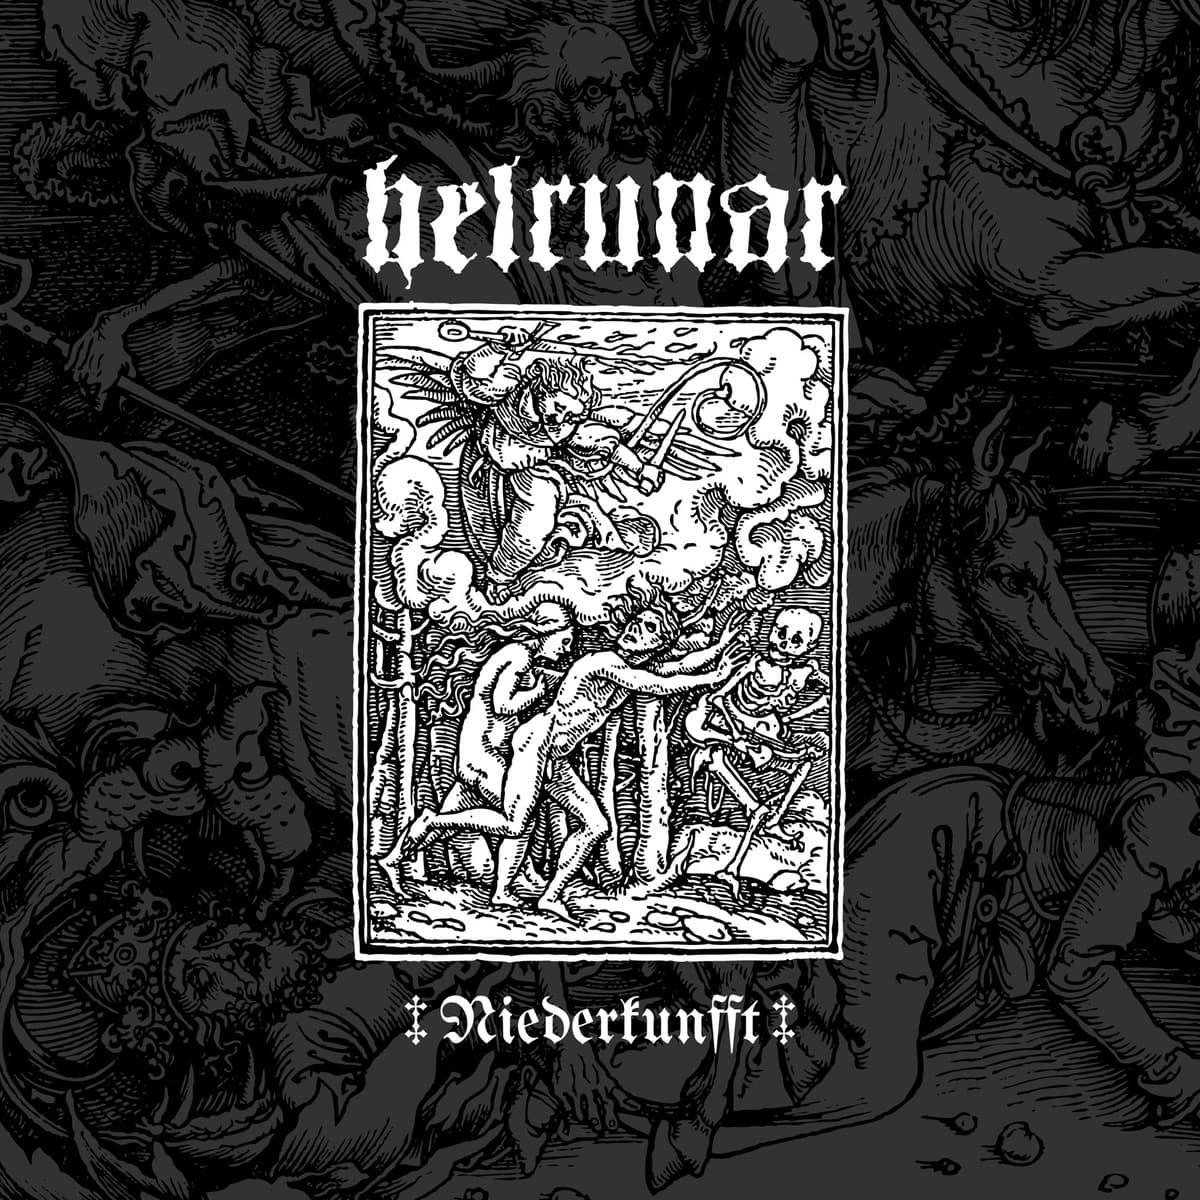 HELRUNAR (DEU) – Niederkunfft, 2015